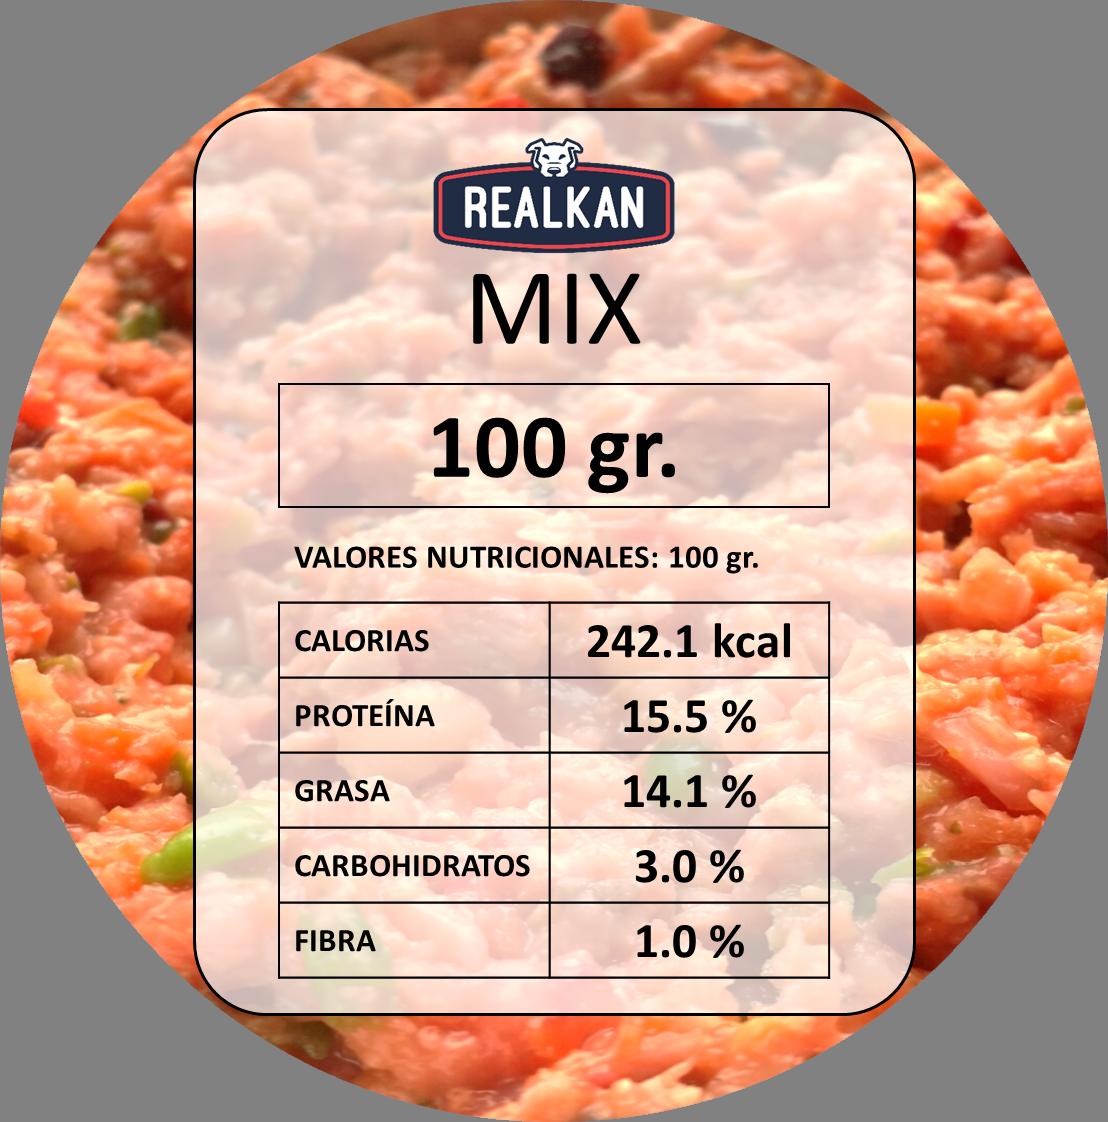 RECETA MIX DE CARNES: brazuelo y carne de pavo,carne de res, carne de cordero,mezcla de vegetales* y aceites y semillas**.*Mezcla de vegetales: zanahoria, camote, brócoli, betarraga, apio, pepino, coly espinaca. **Aceites y semillas: aceite de oliva, vinagre de manzana, girasol, chía, linaza, ajonjolí, infusión de menta y manzanilla.  No solo les encanta si no que cubre todas las necesidades.